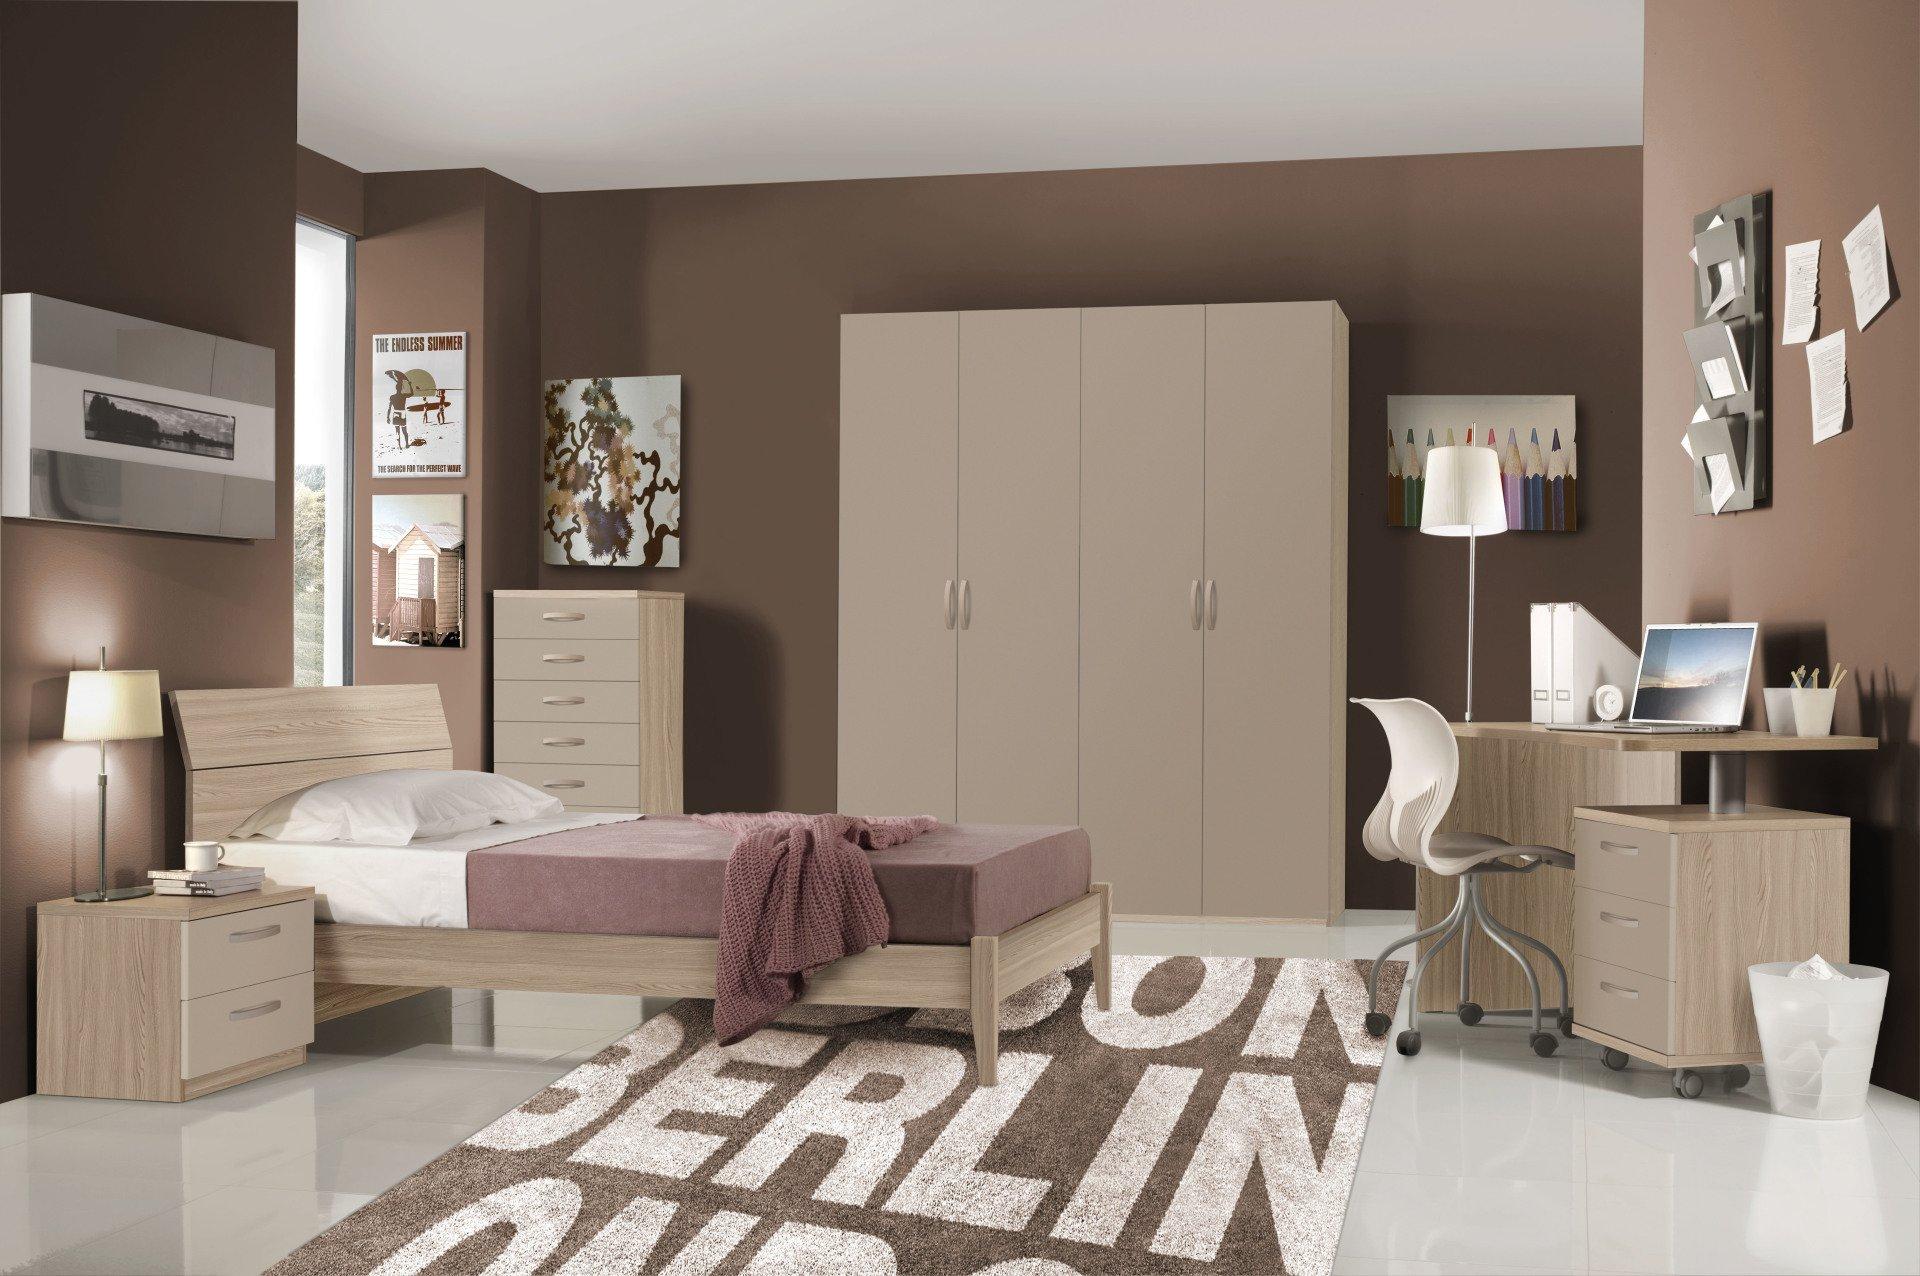 Promozioni arredamento e mobili palermo pa mercato for Promozioni arredamento